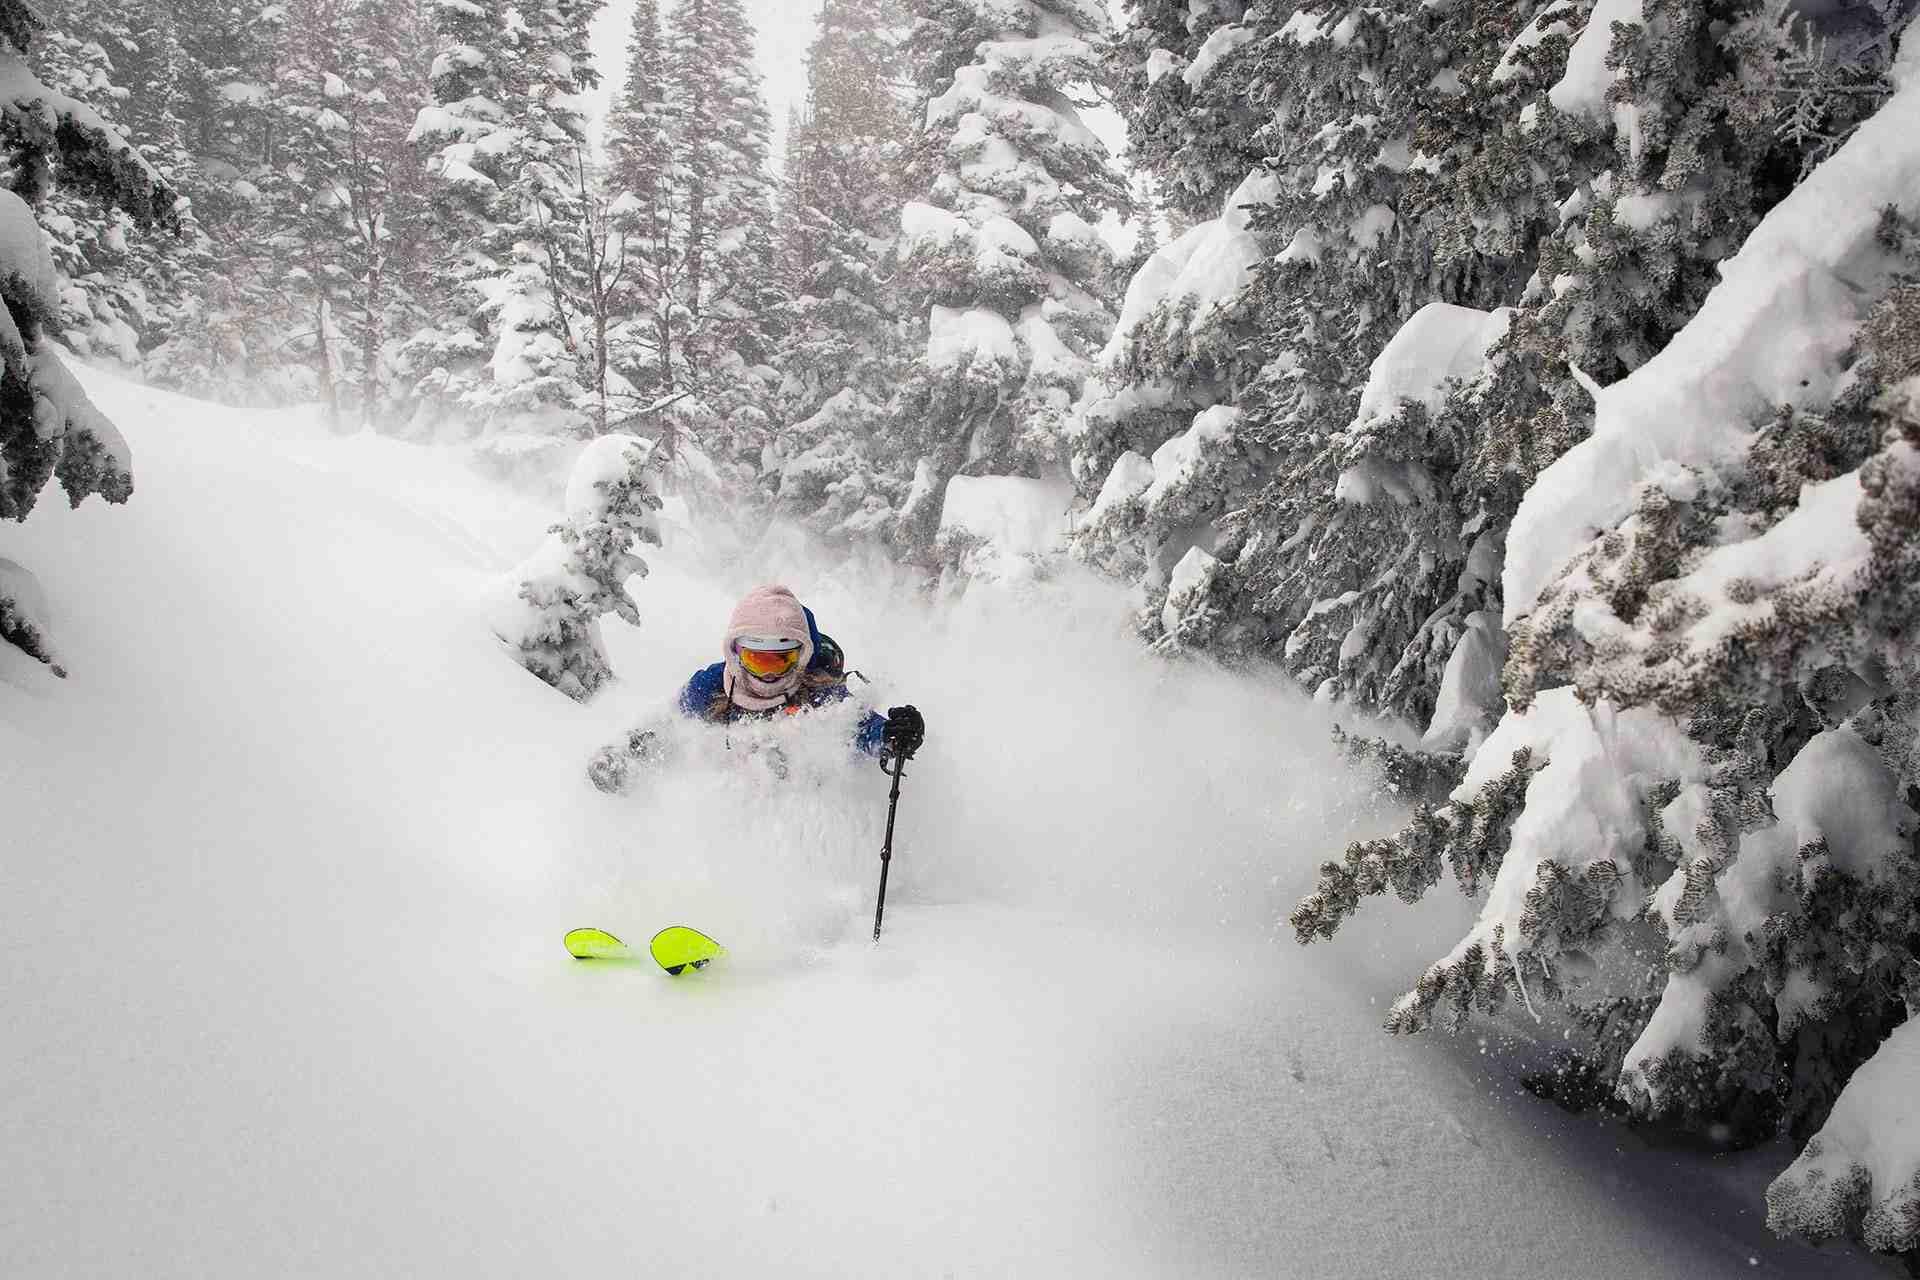 Jackson Hole, record snow, February